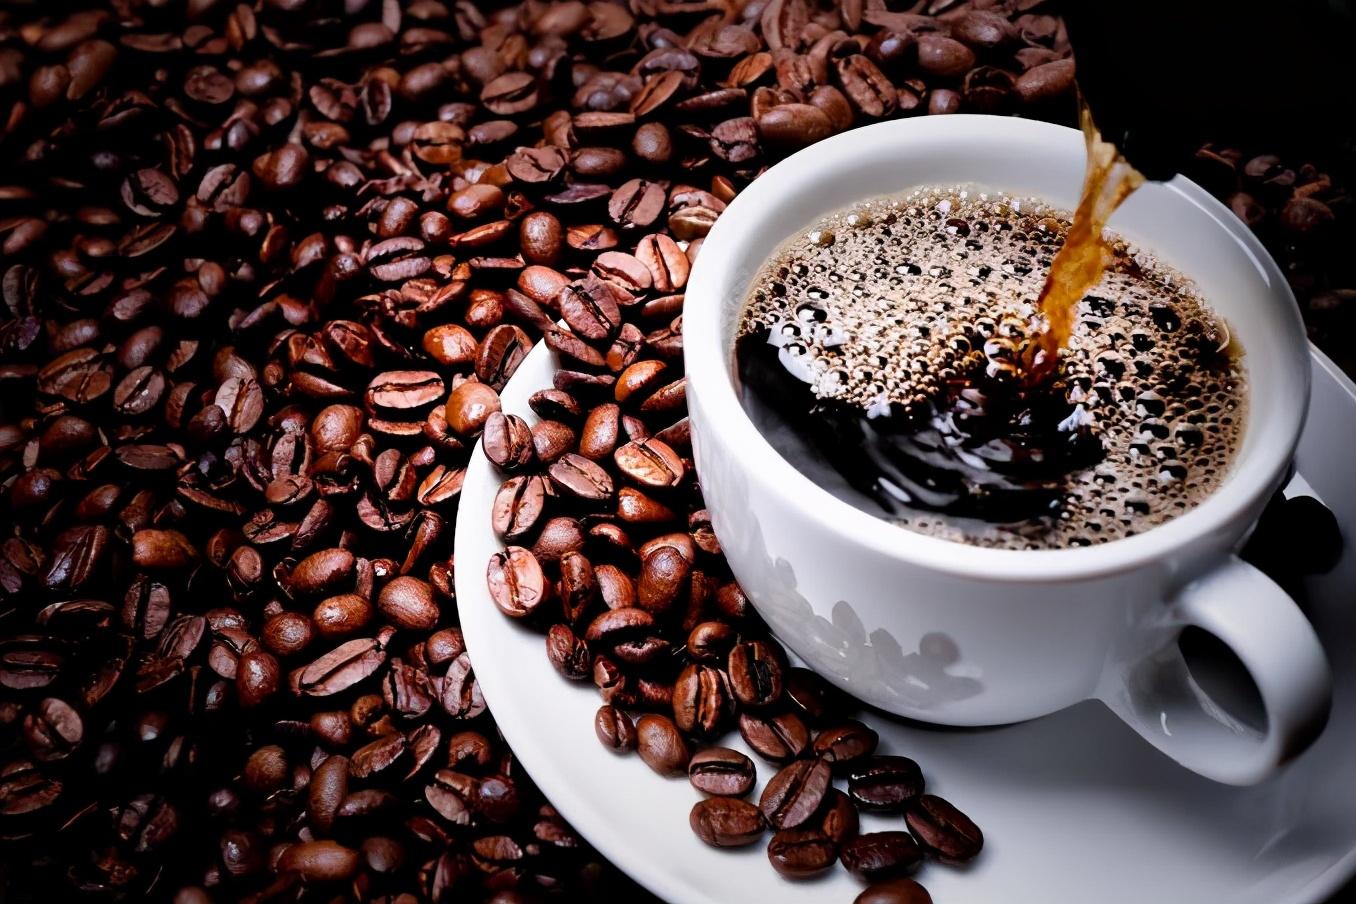 喜欢喝咖啡的人的福音,研究表明喝咖啡的人寿命更长